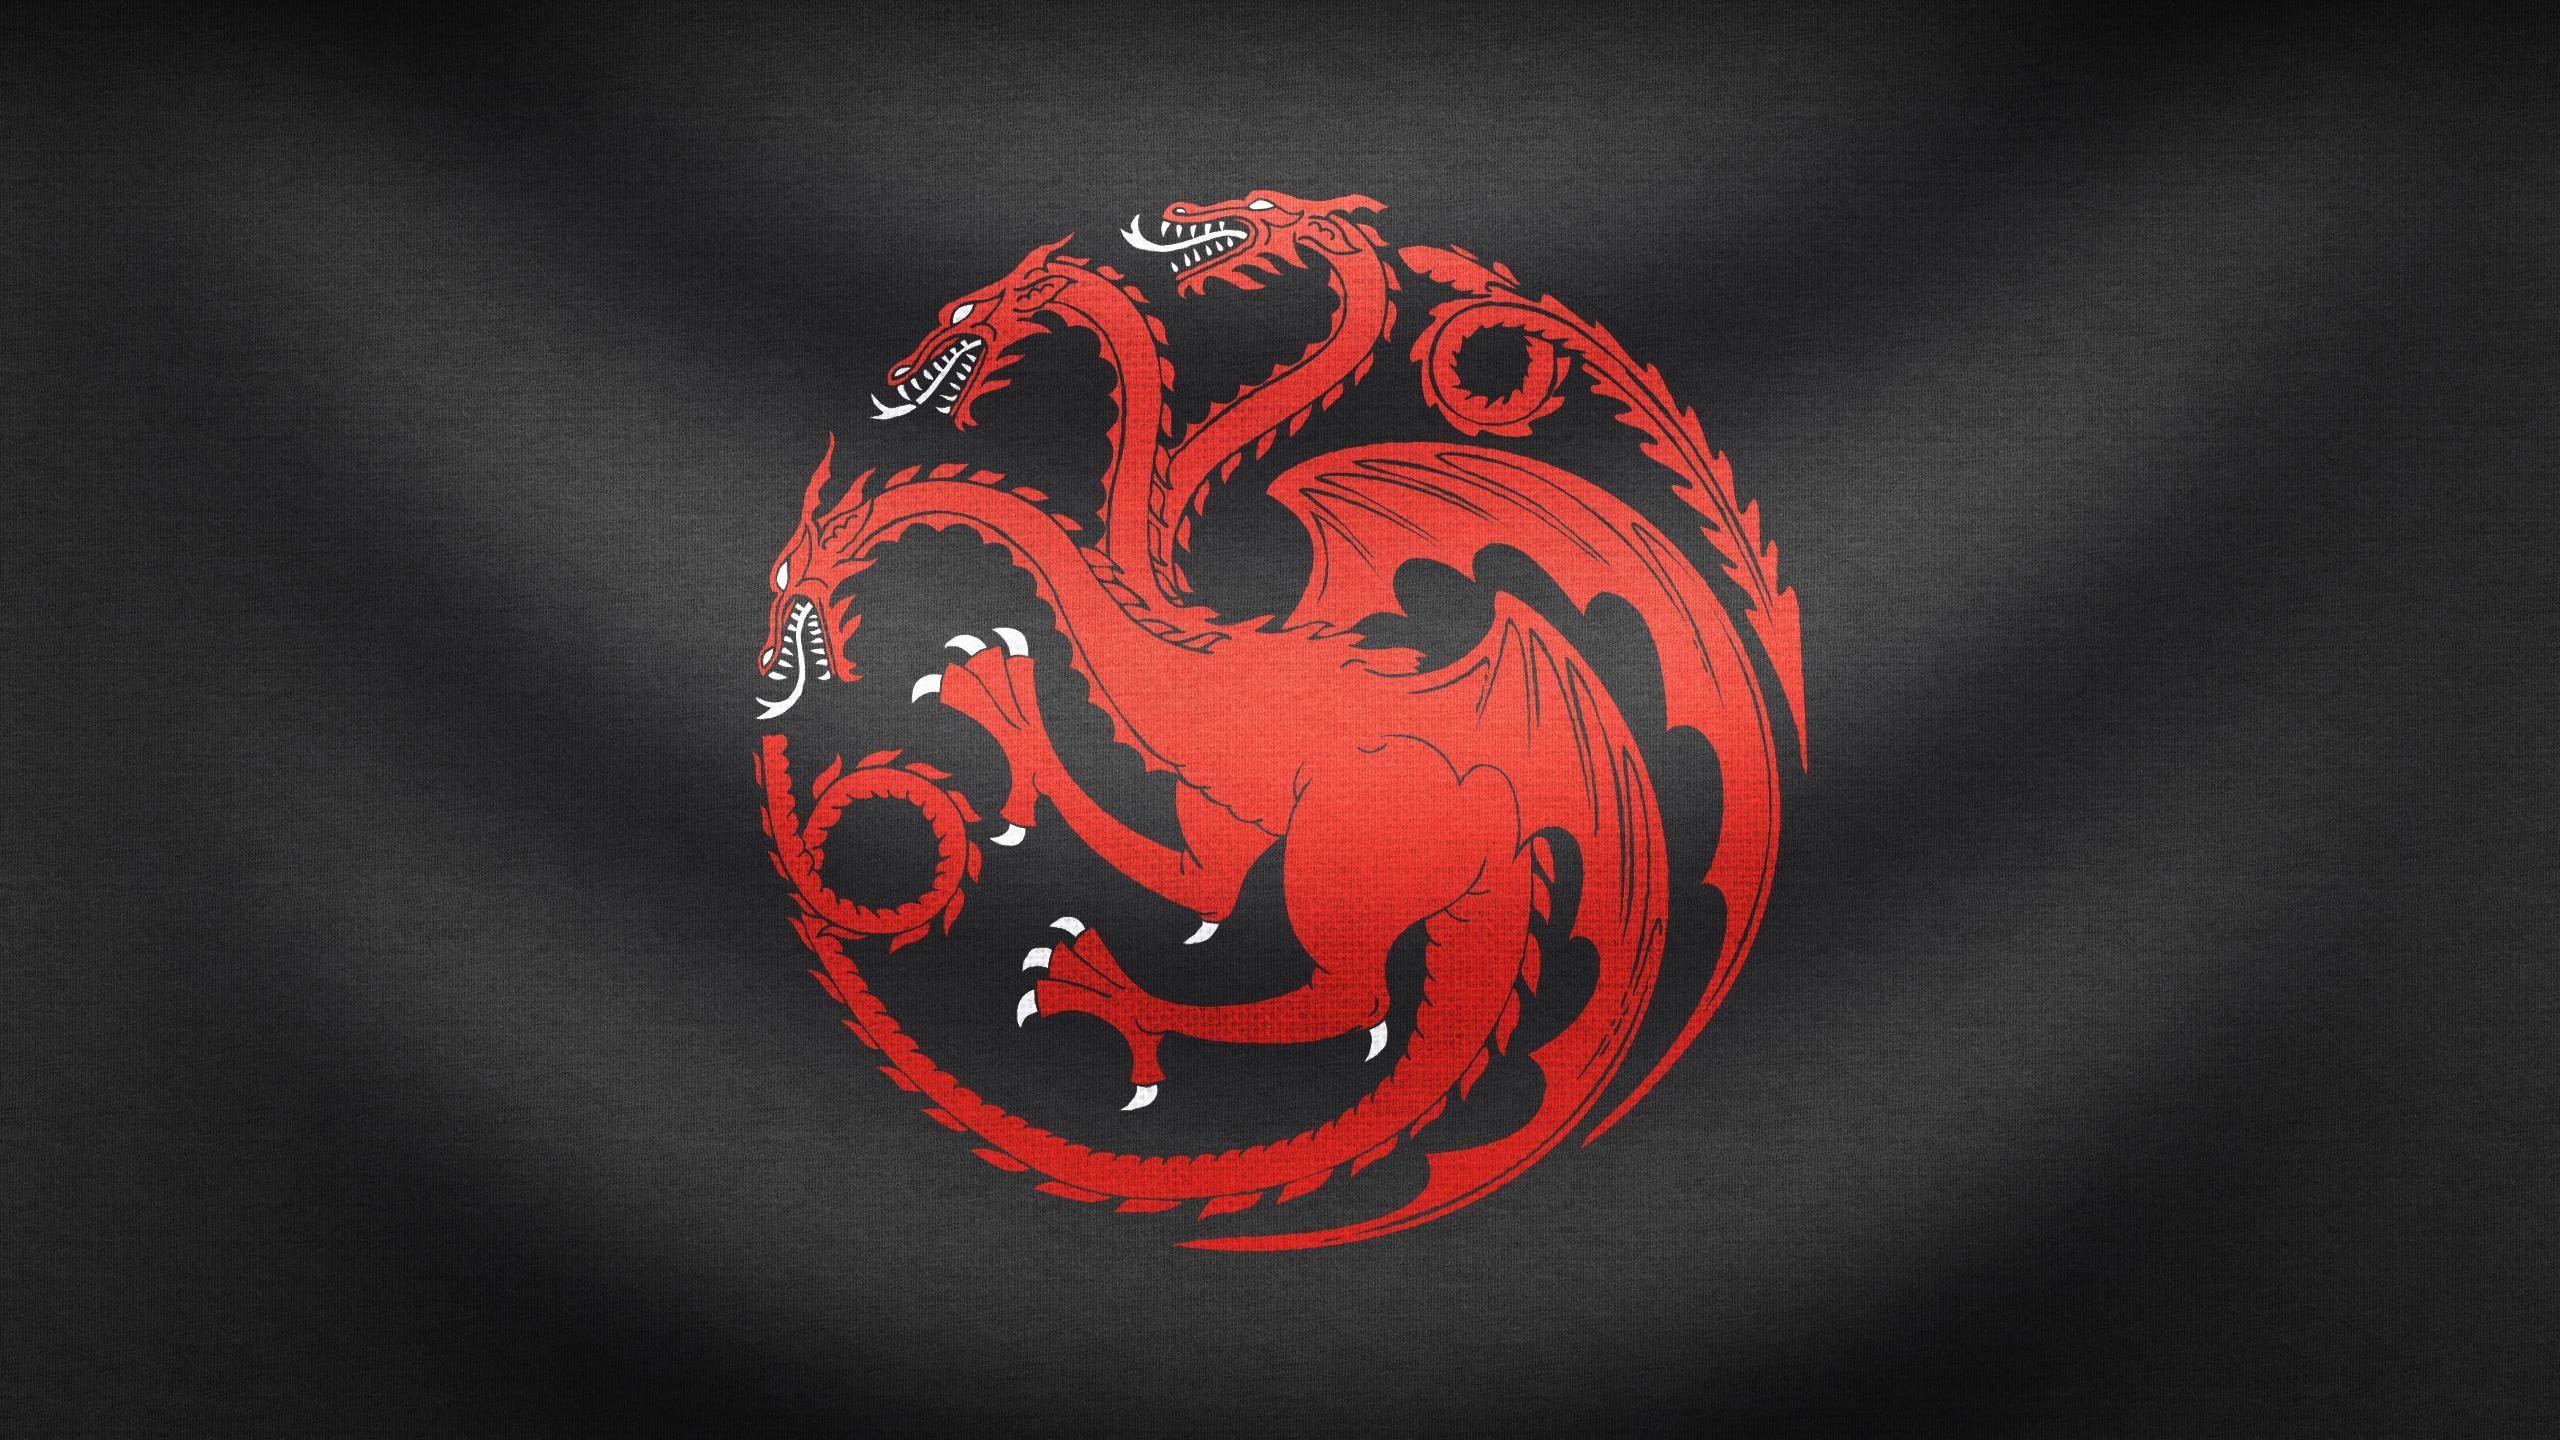 62 Targaryen Sigil Wallpapers on WallpaperPlay 2560x1440